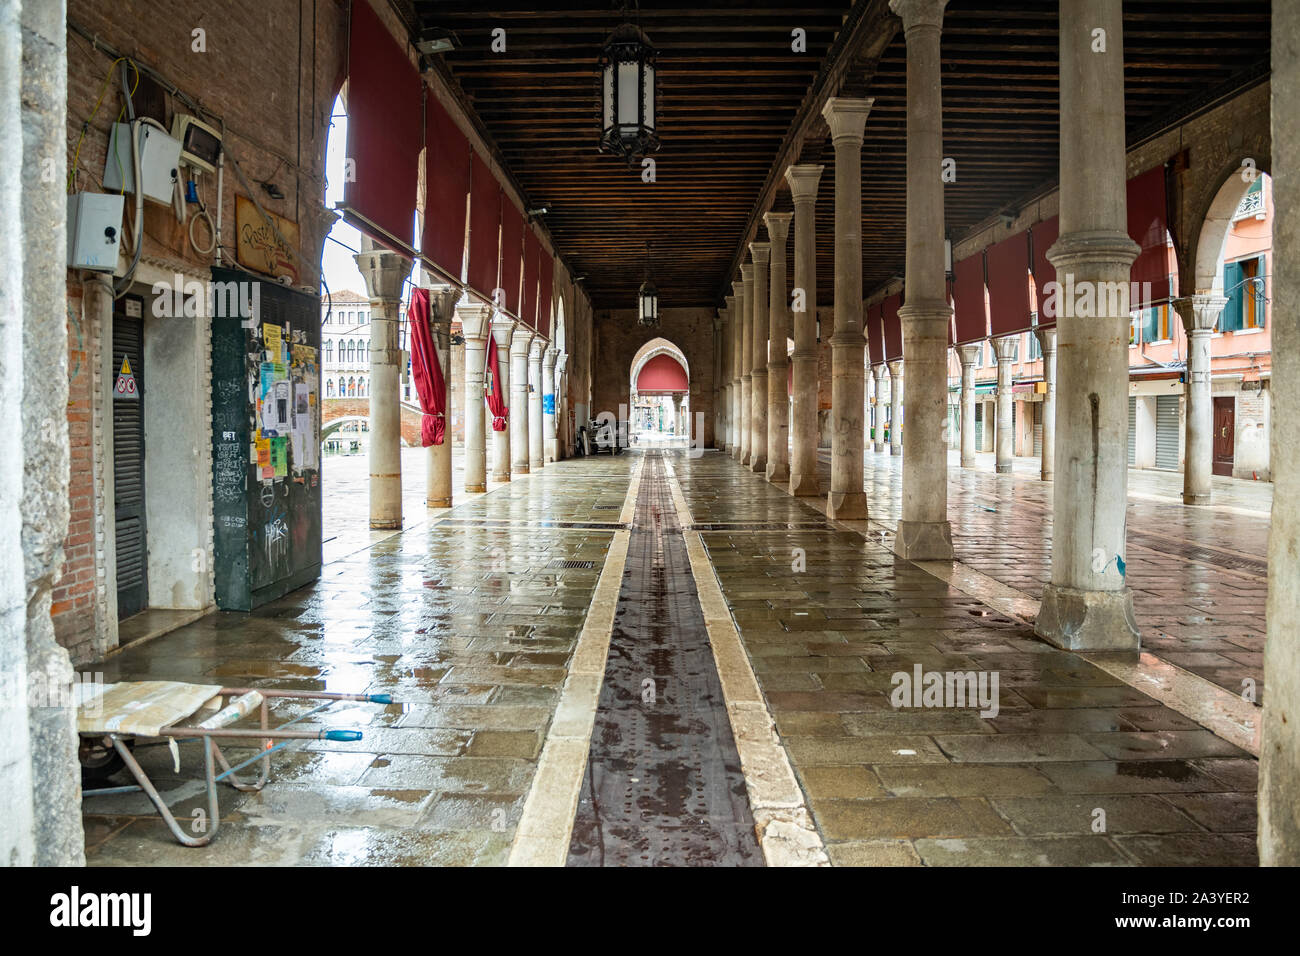 El famoso mercado de pescado cerca del Puente de Rialto en Venecia - Italia, cuando está vacío y limpio al final de una jornada laboral. Foto de stock